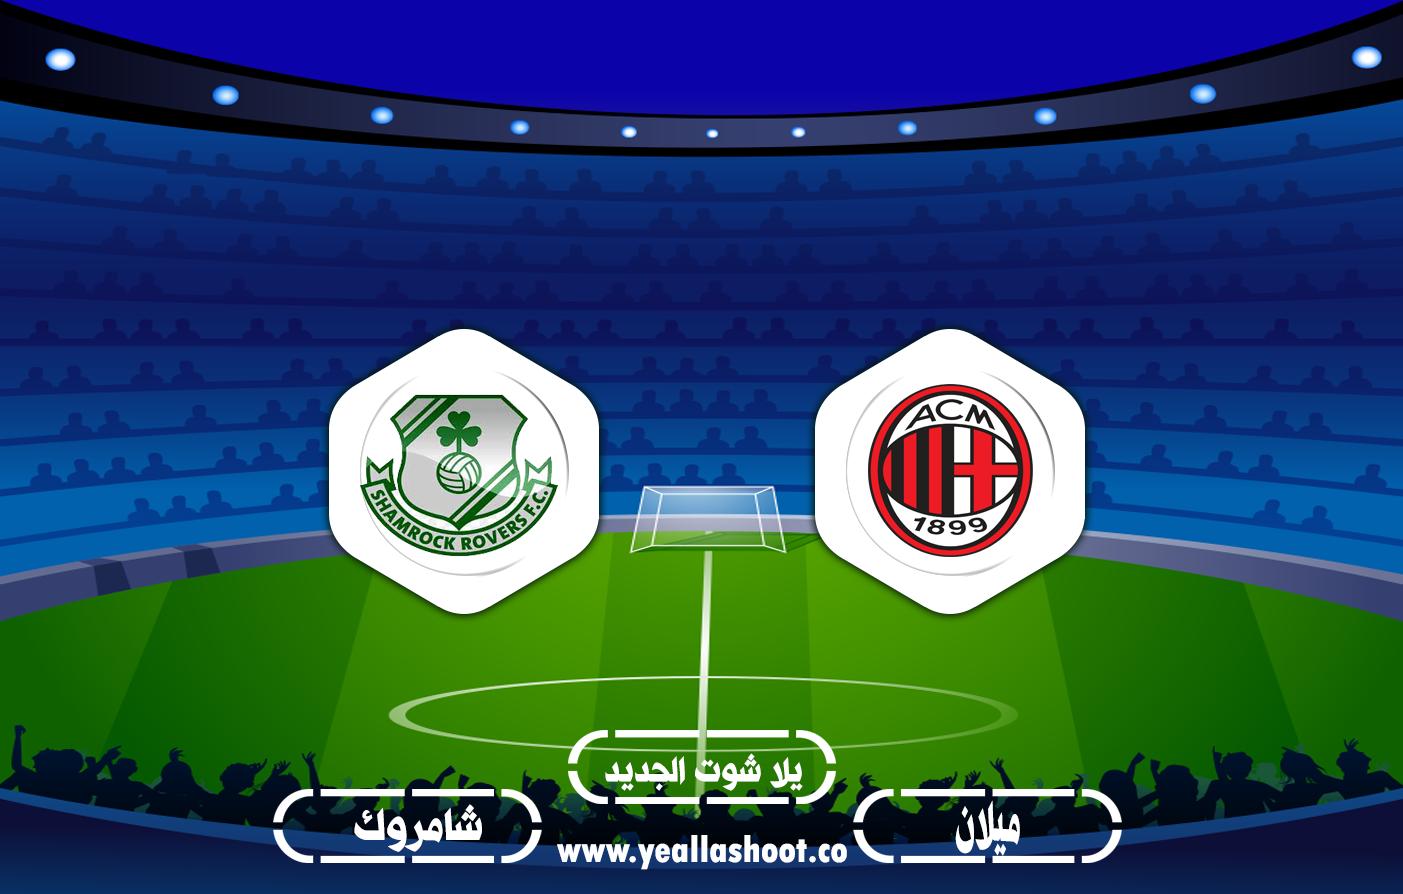 مشاهدة مباراة شامروك وميلان بث مباشر 17-09-2020 الدوري الأوروبي